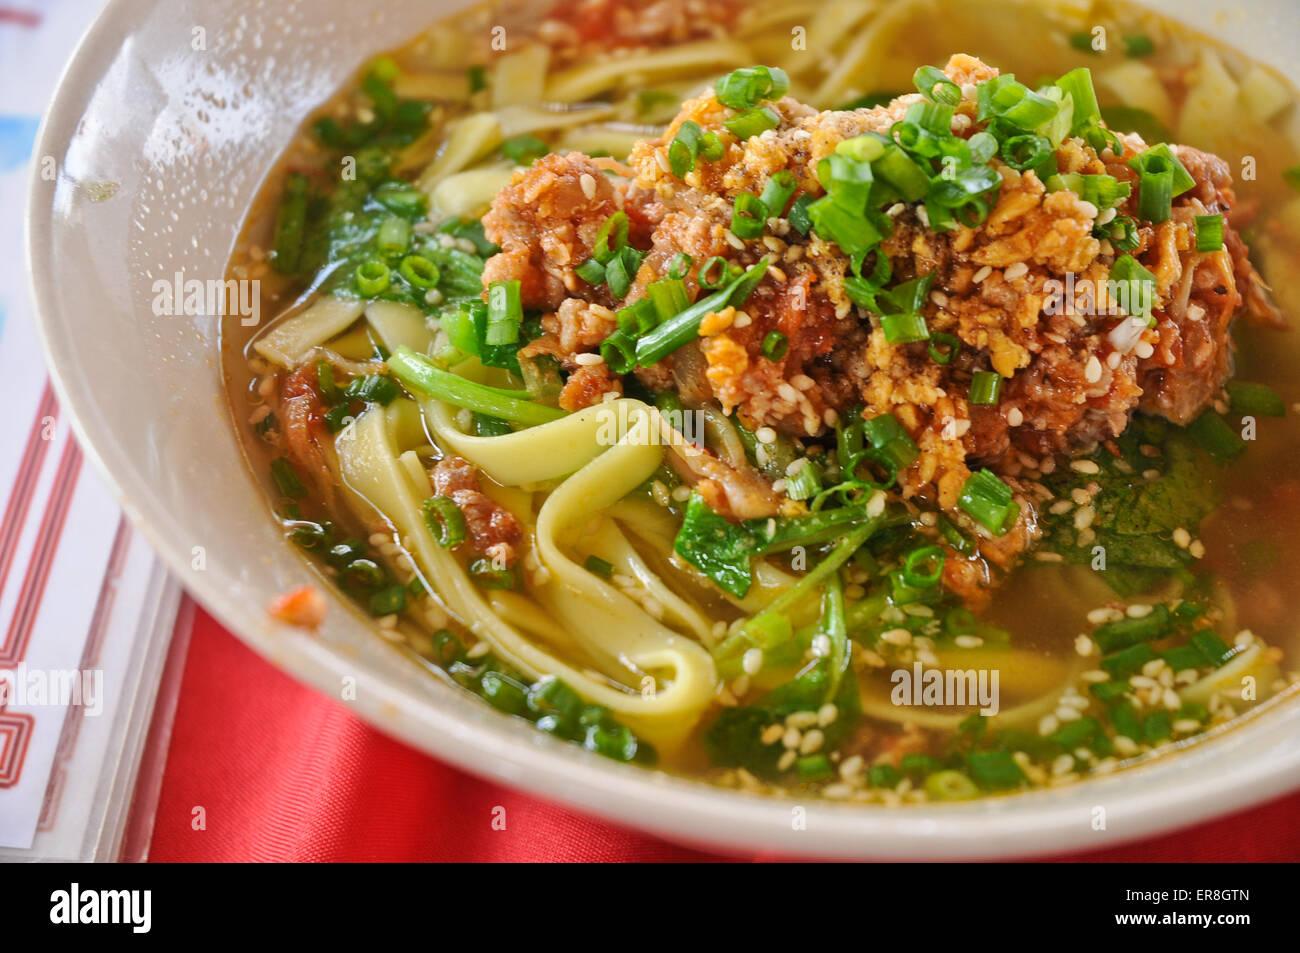 Carni macinate a base di erbe e spezie a base di noodle zuppa calda in stile orientale Foto Stock